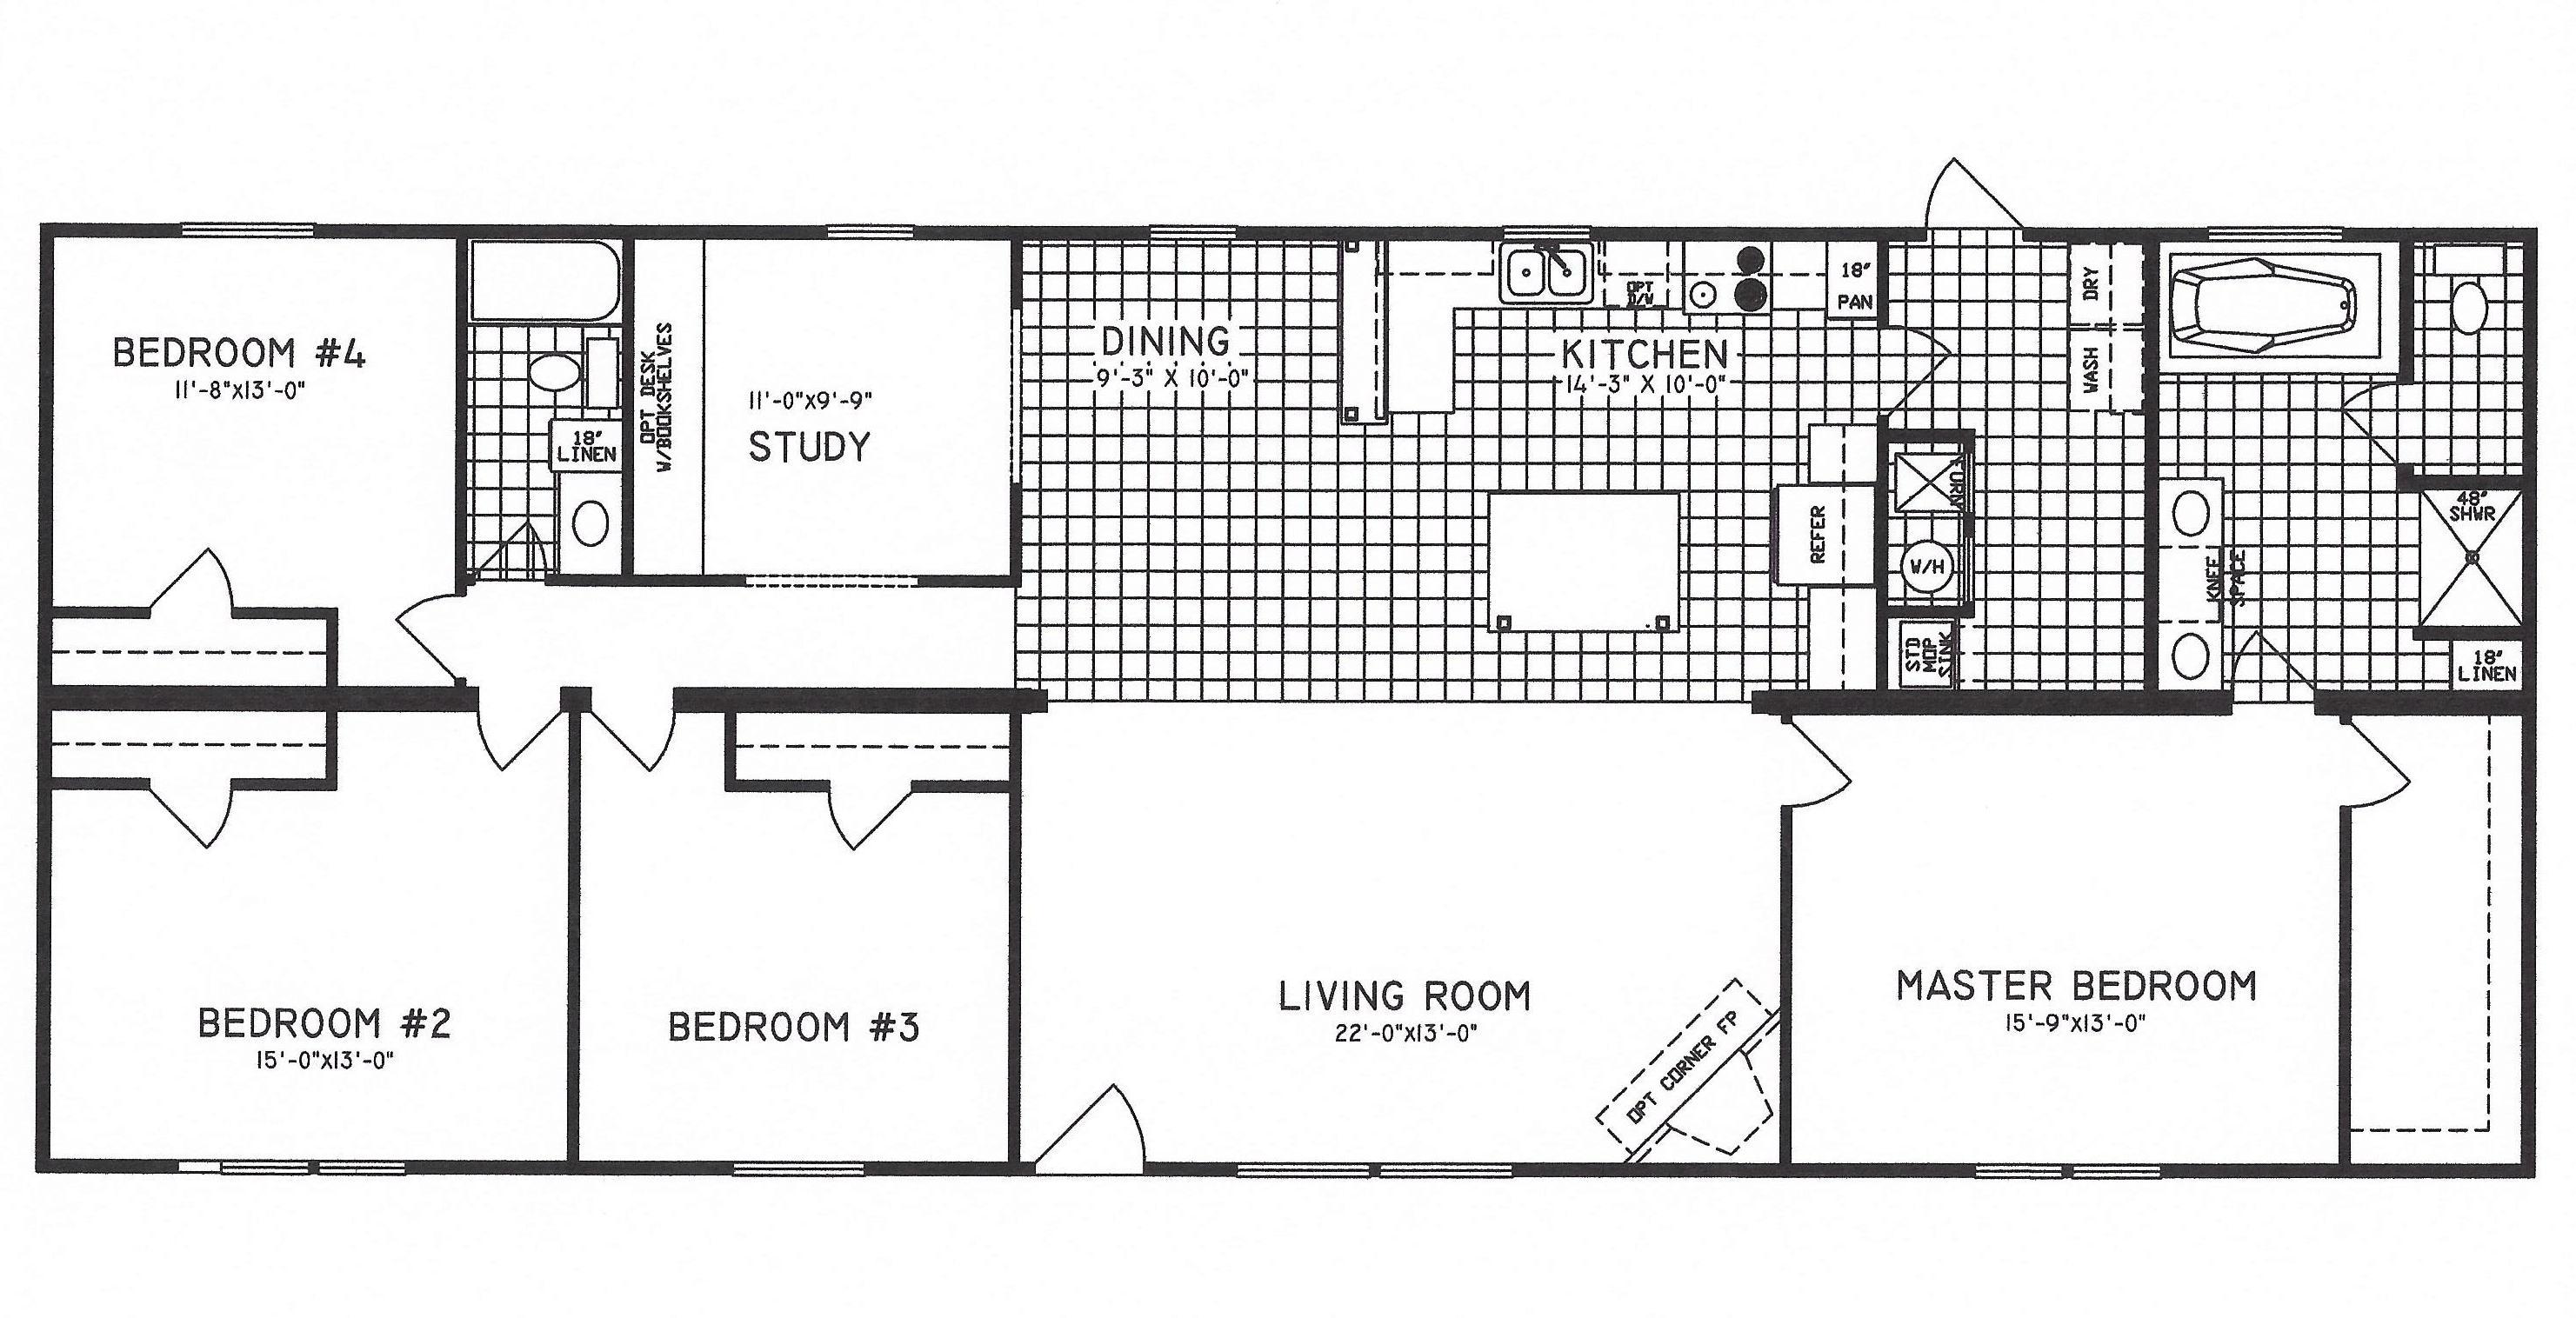 bedroom floor plan c 9207 hawks homes manufactured modular